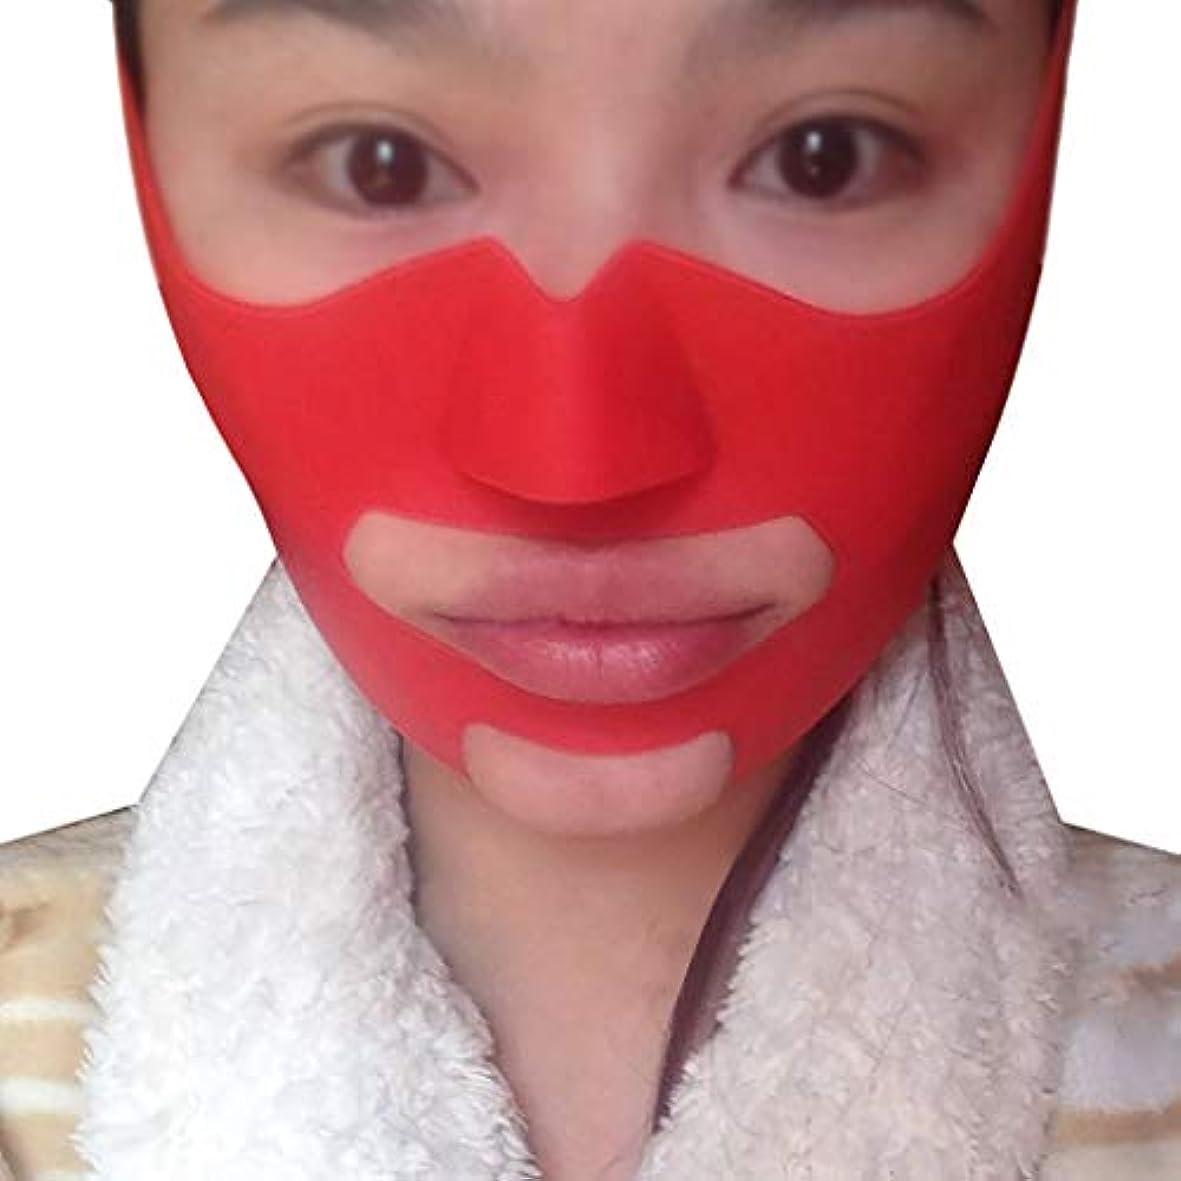 夫婦ぴったり母性GLJJQMY 薄いフェイスマスクシリコーンVマスクマスク強い痩身咬合筋肉トレーナーアップル筋肉法令パターンアーティファクト小さなVフェイス包帯薄いフェイスネックリフト 顔用整形マスク